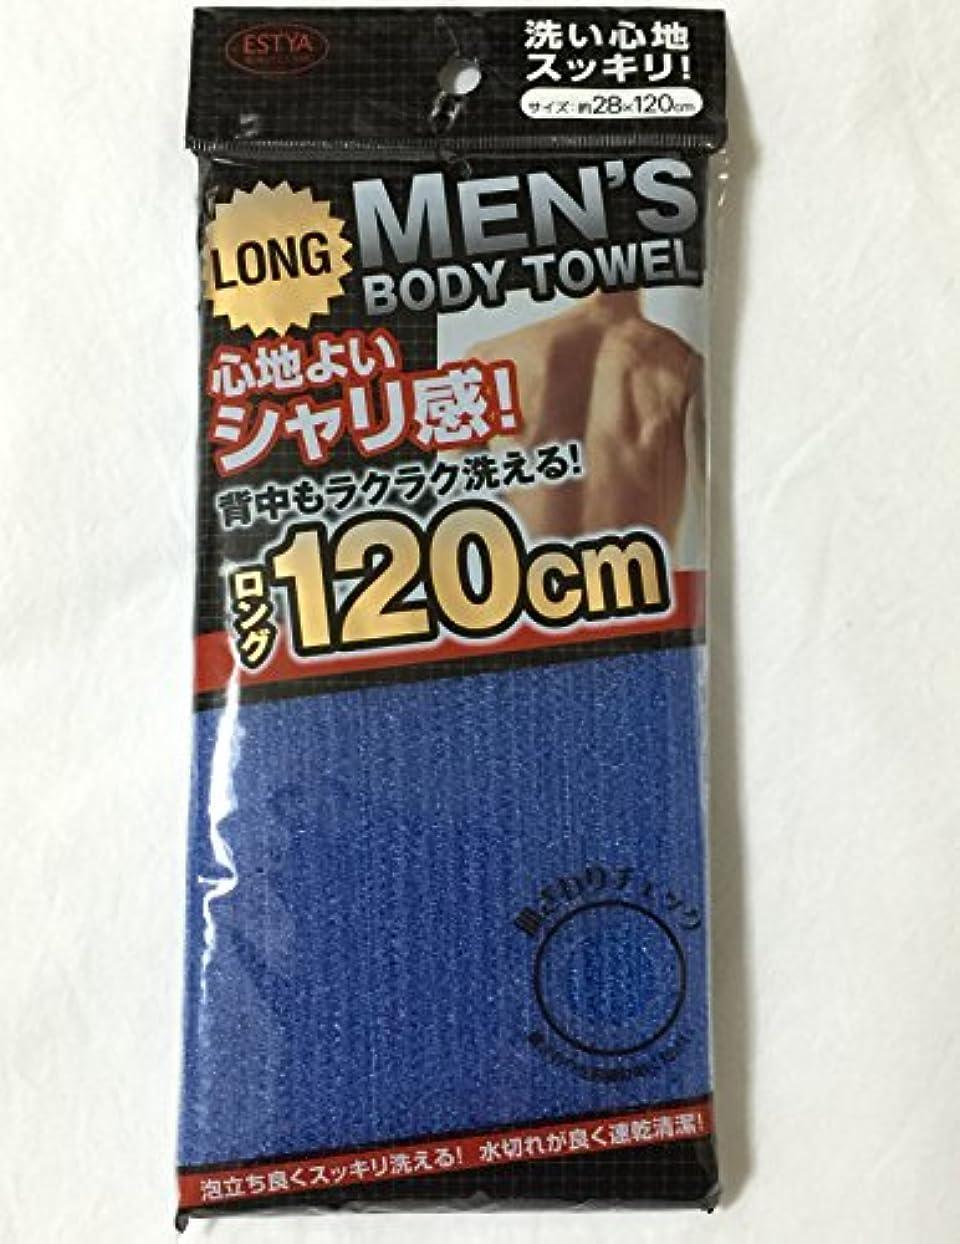 矩形共和国配列メンズ ボディー  タオル 120cm ( かため ) スッキリ 爽快 ! 男性用 ロング ナイロン タオル